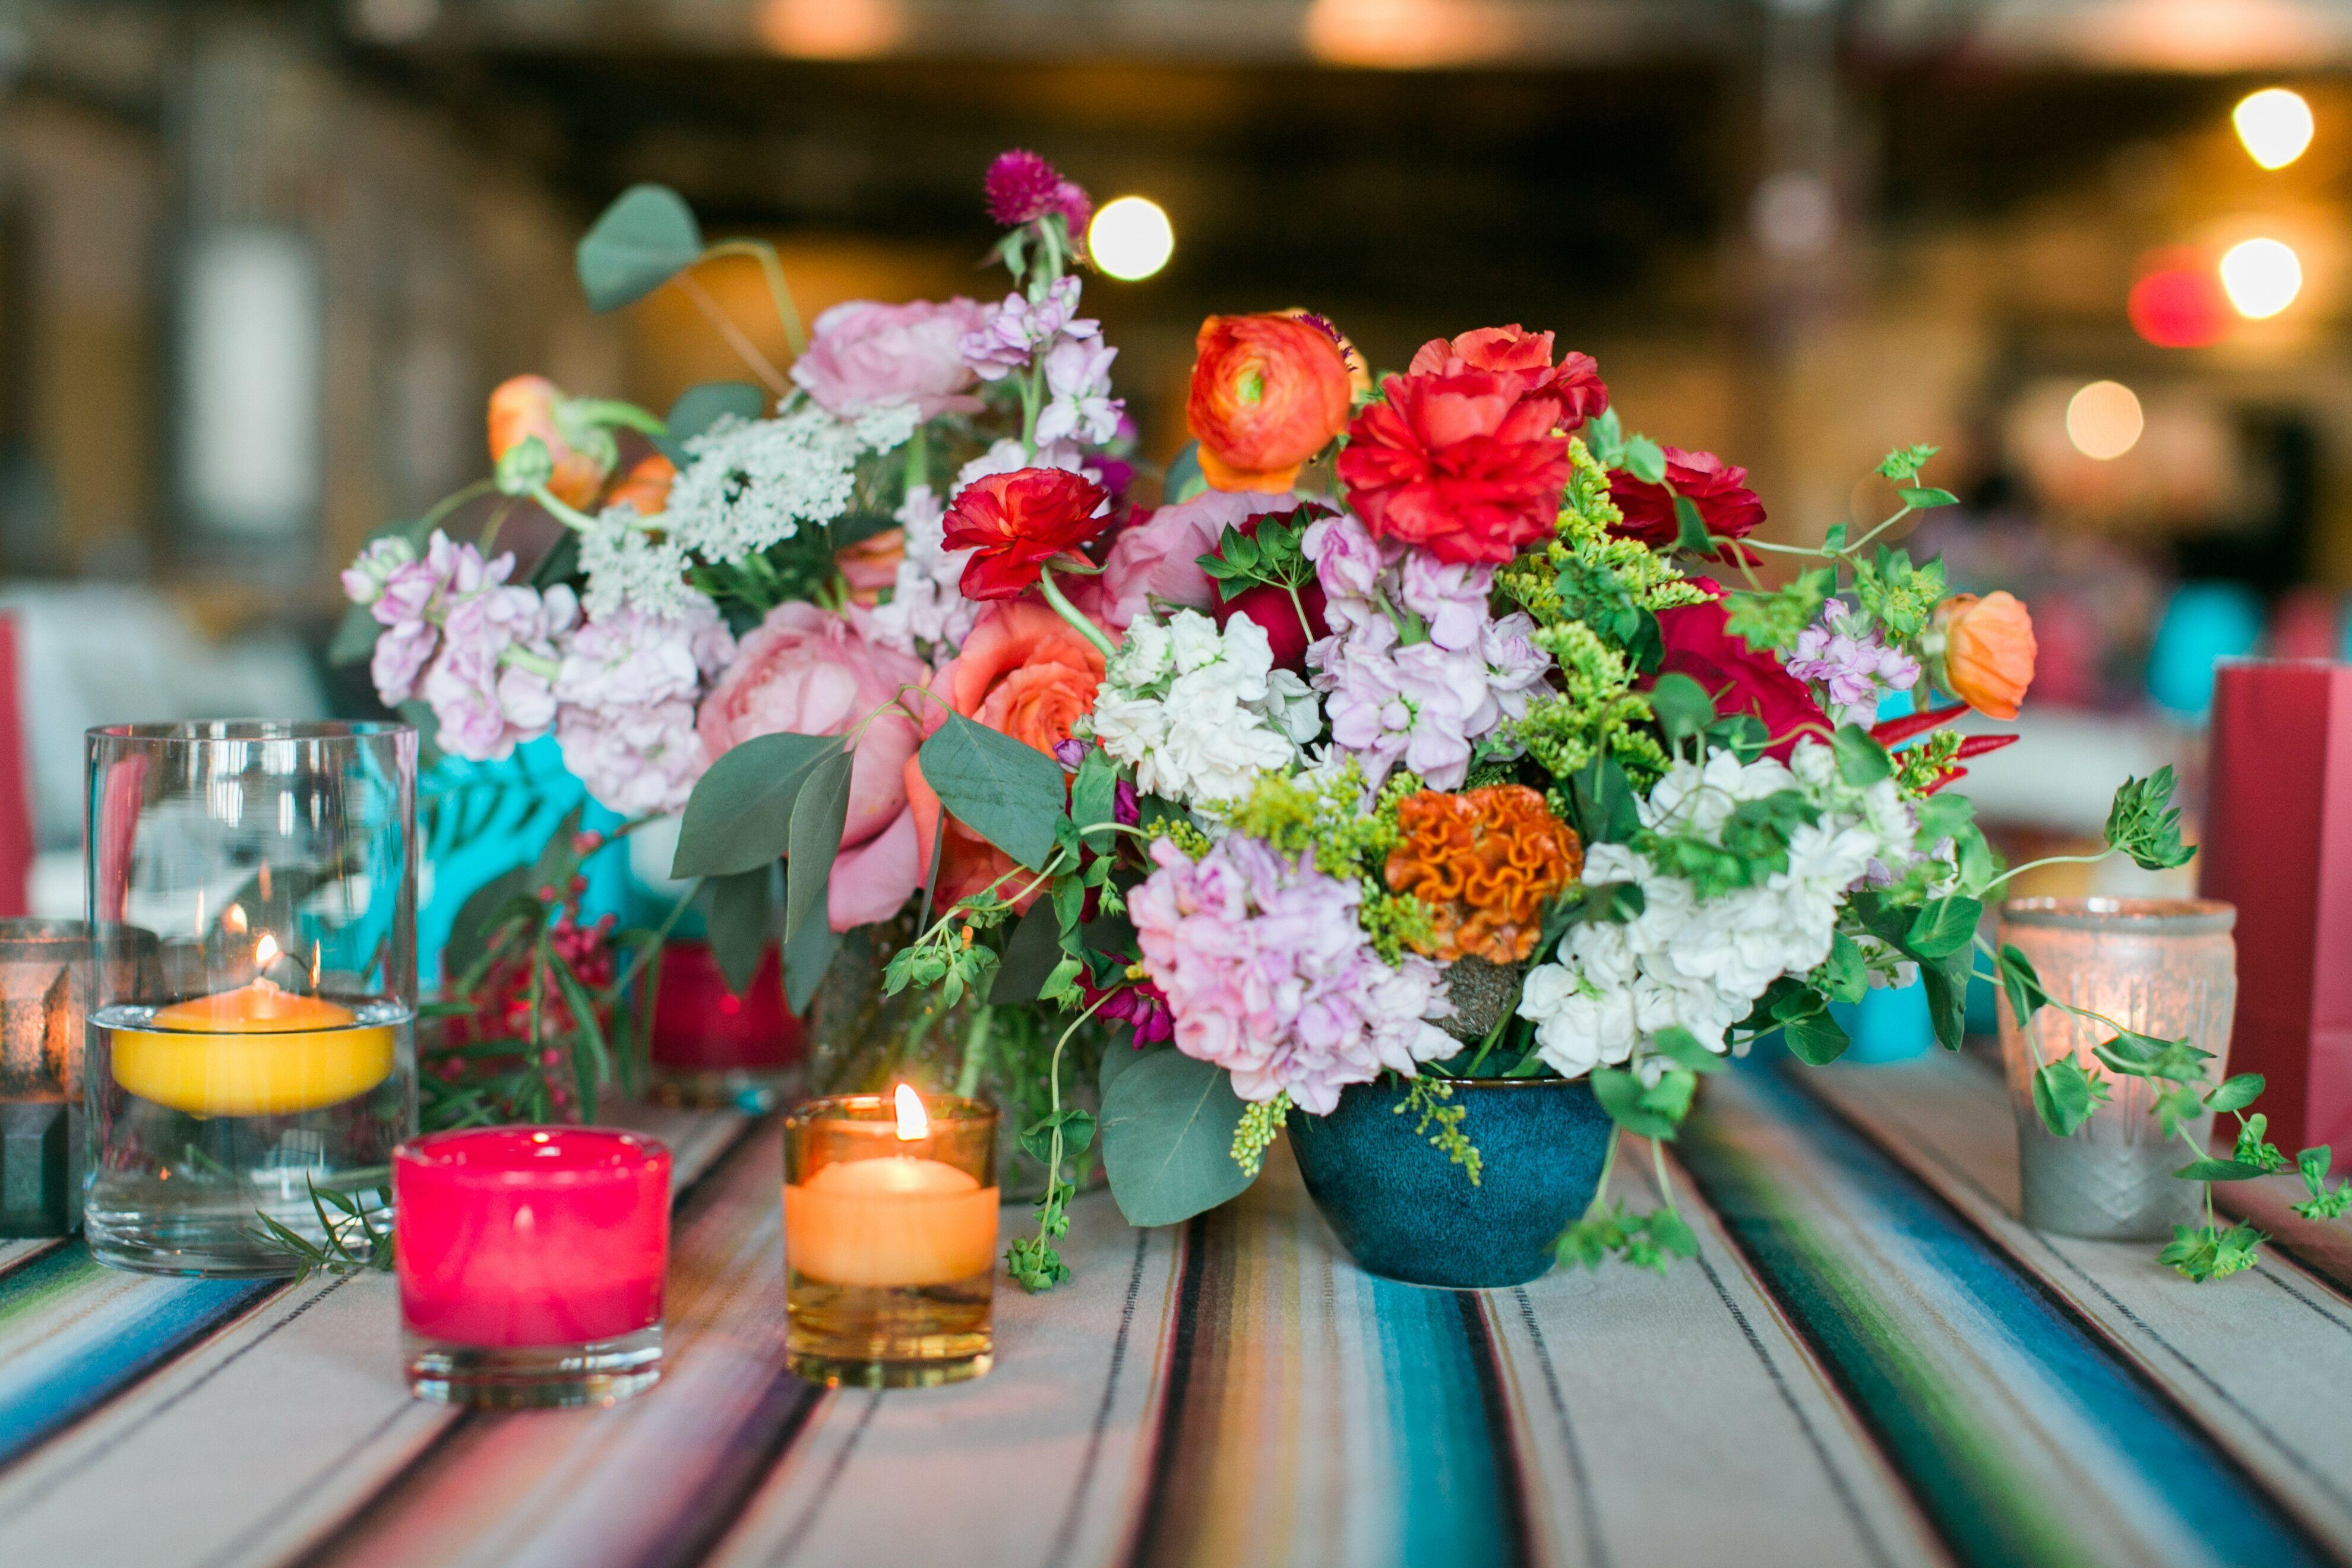 Low colorful floral centerpiece